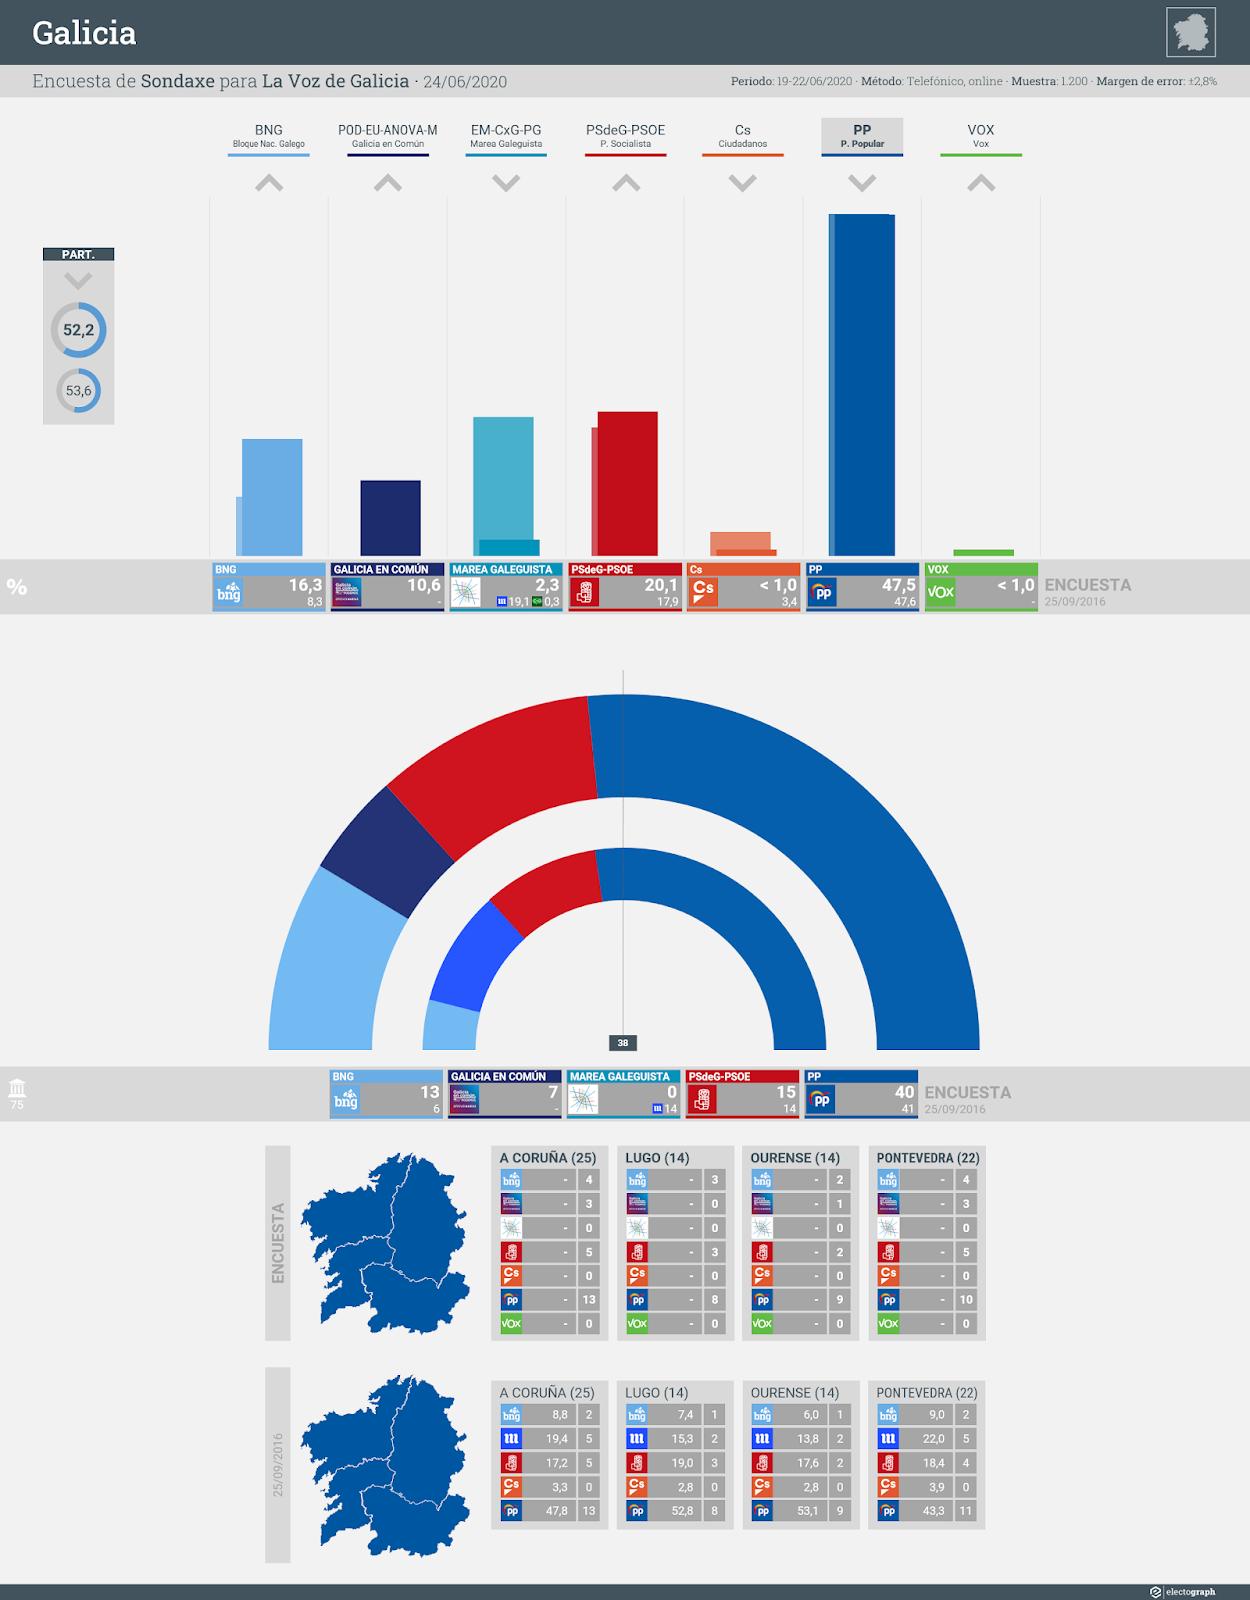 Gráfico de la encuesta para elecciones autonómicas en Galicia realizada por Sondaxe para La Voz de Galicia, 24 de junio de 2020